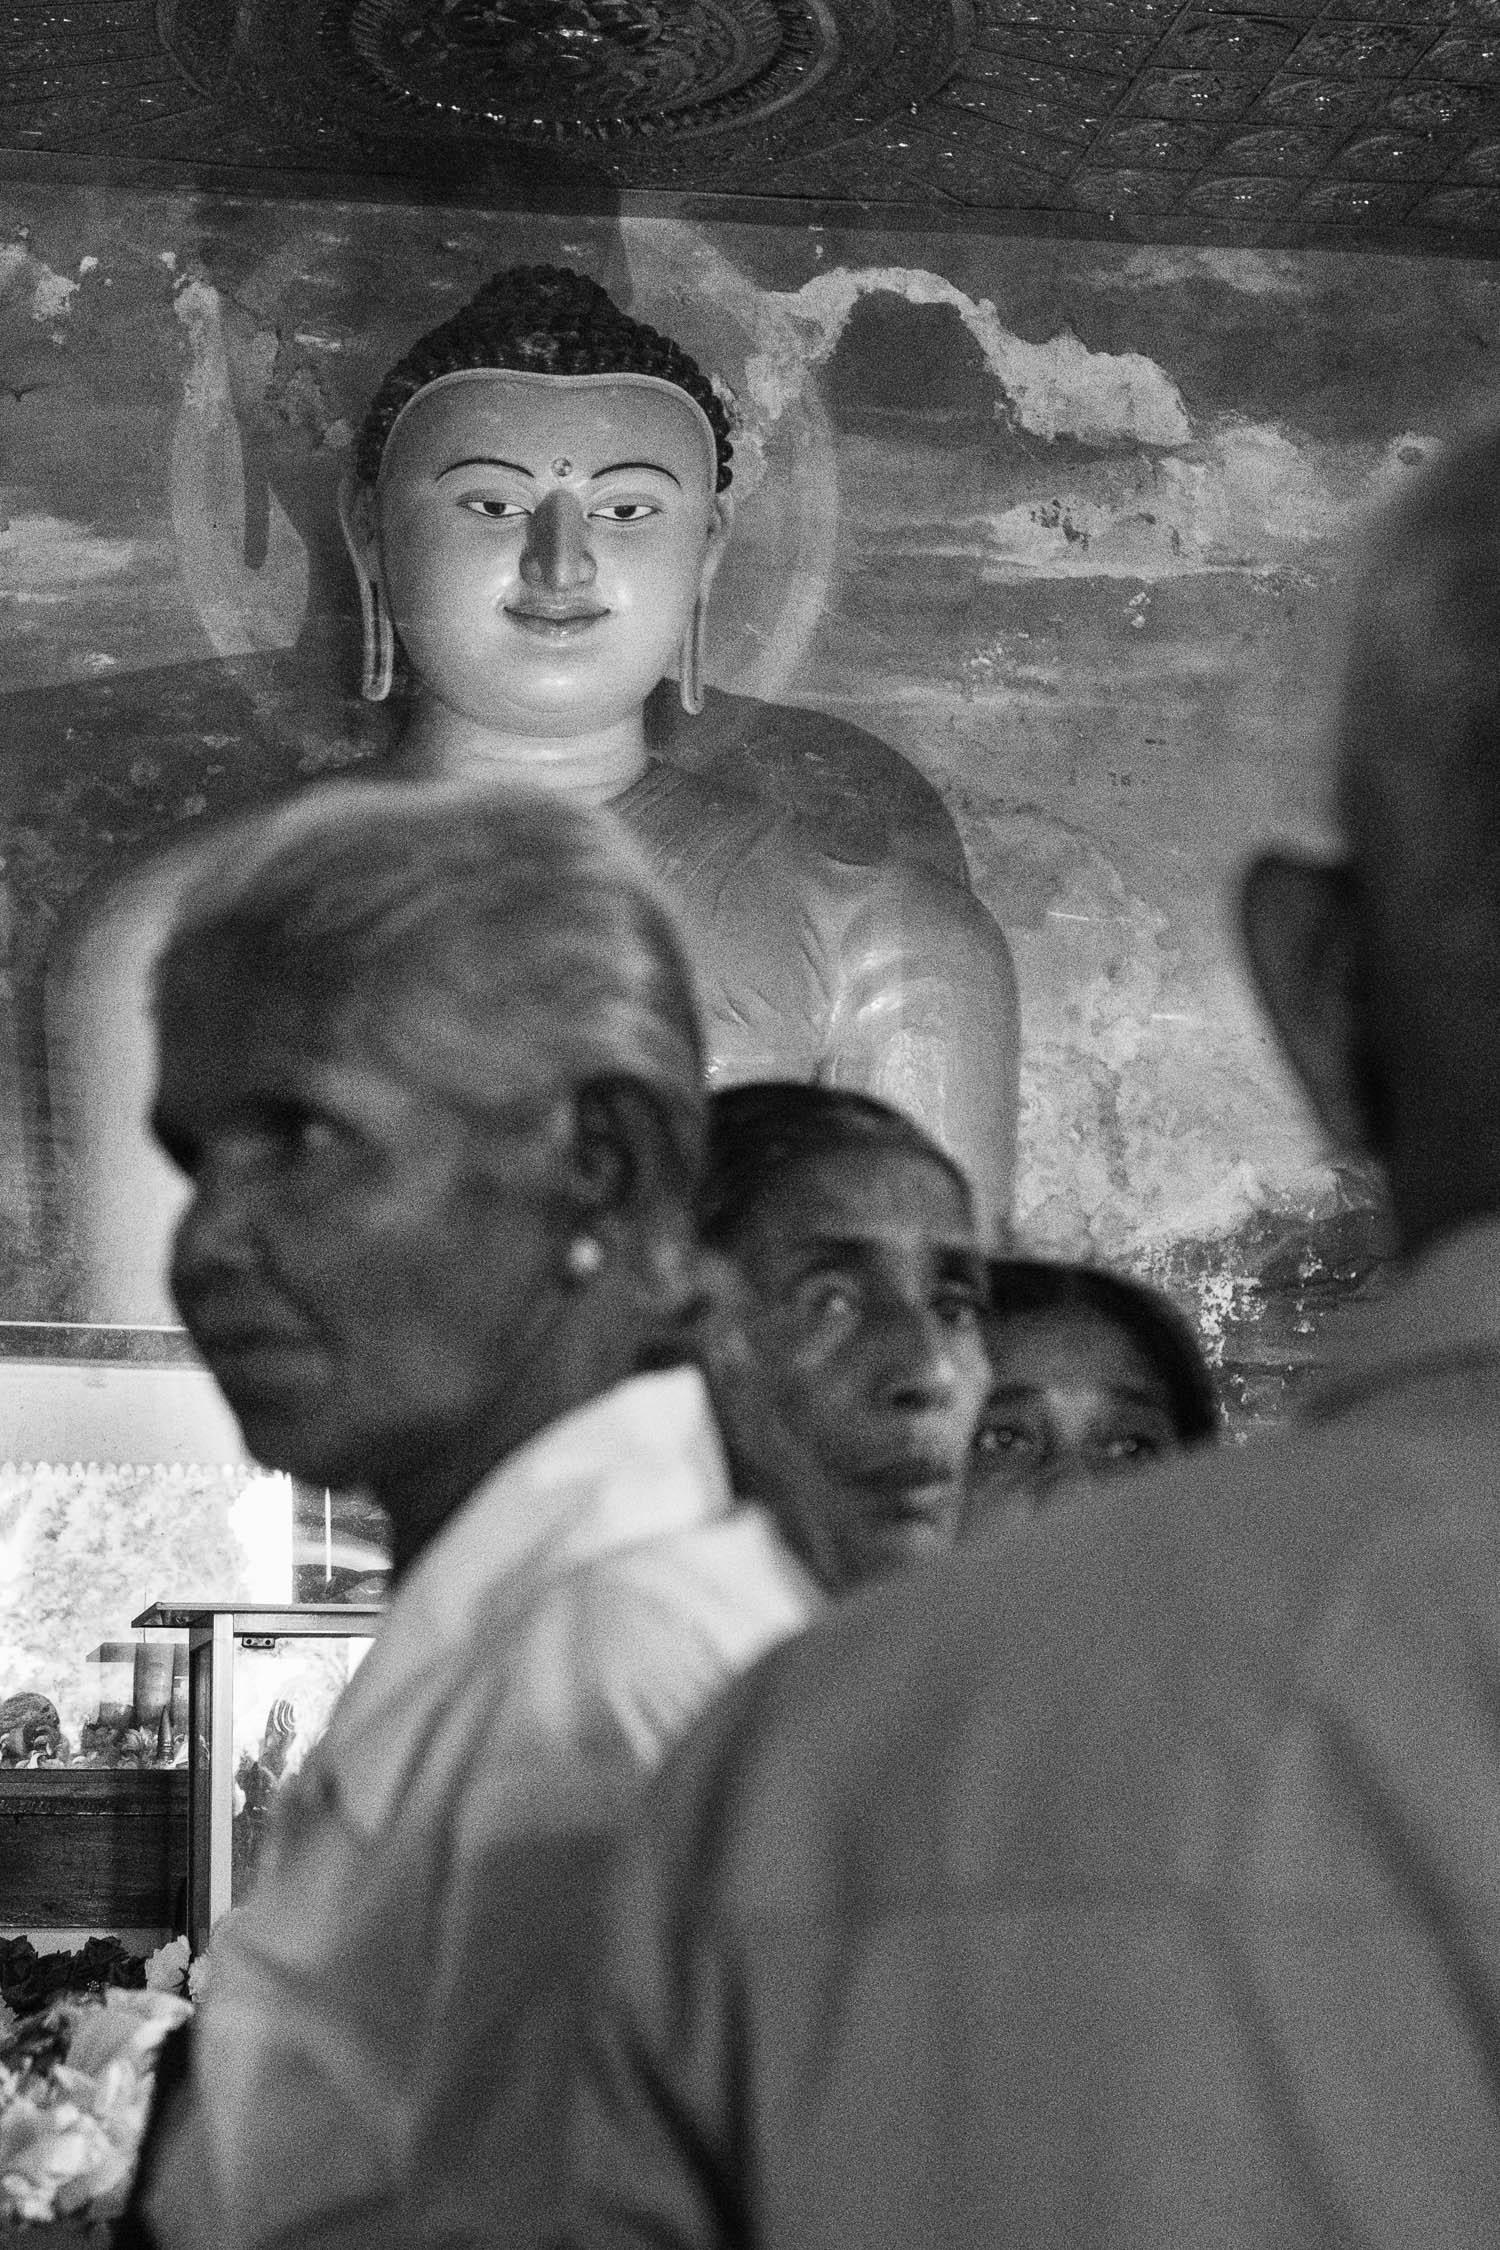 Anuradhapura, Sri Lanka, 2018